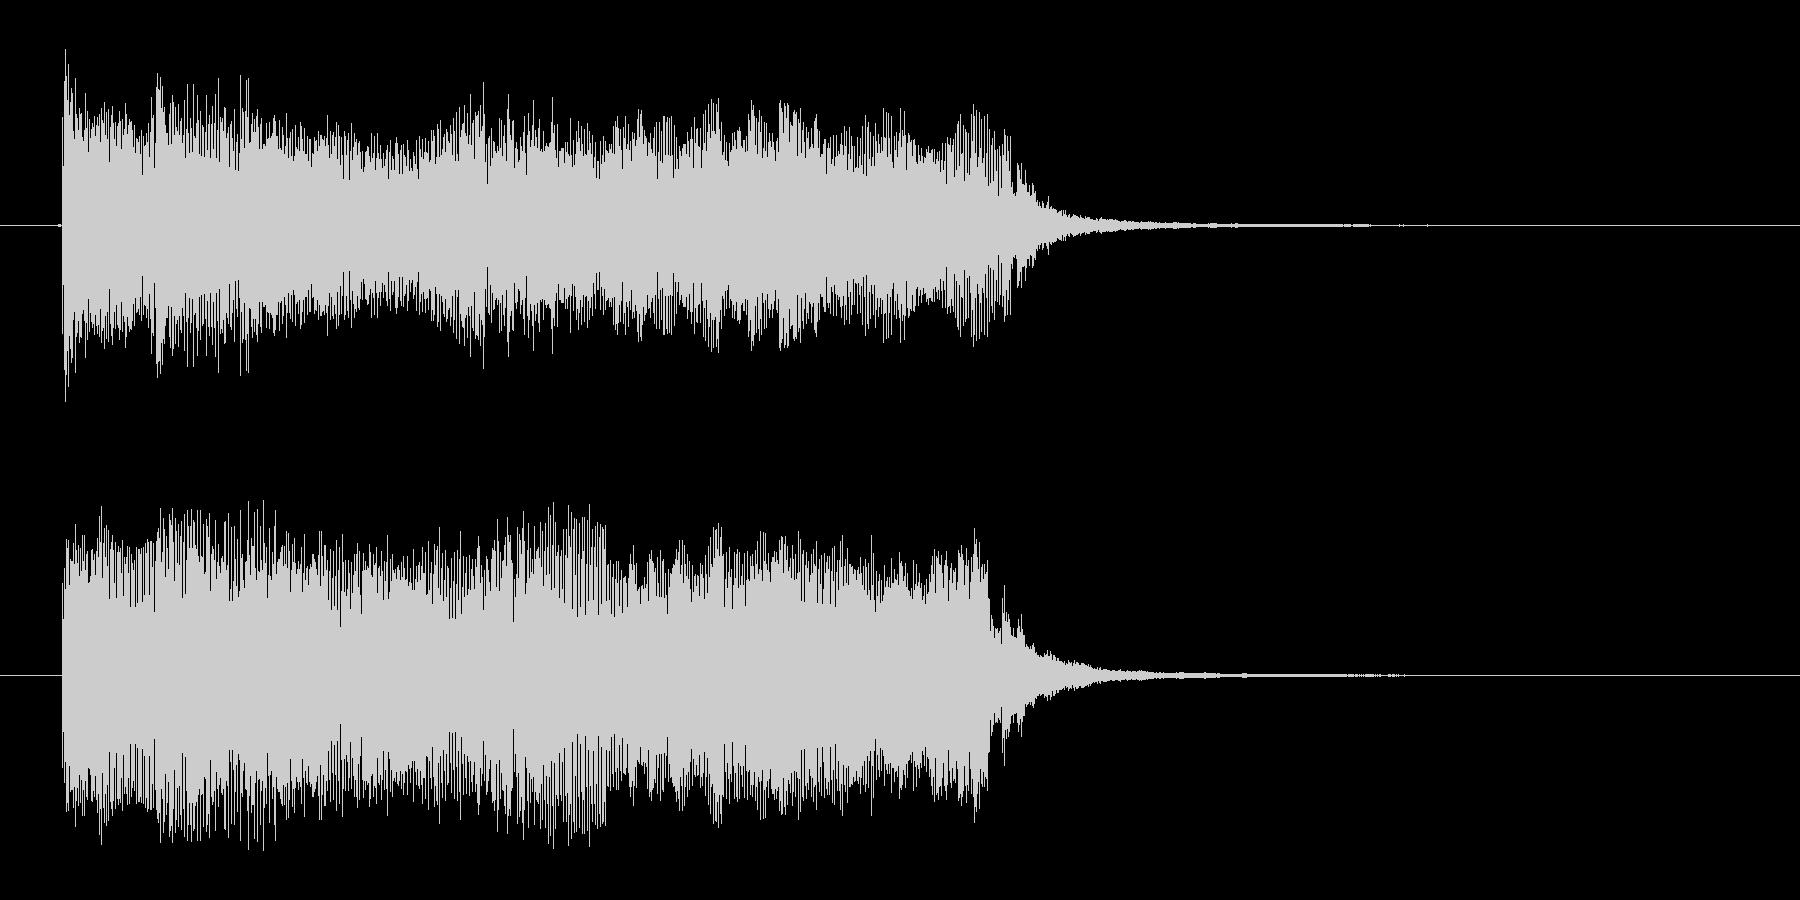 宇宙感のあるシンセサイザーテクノ(短め)の未再生の波形